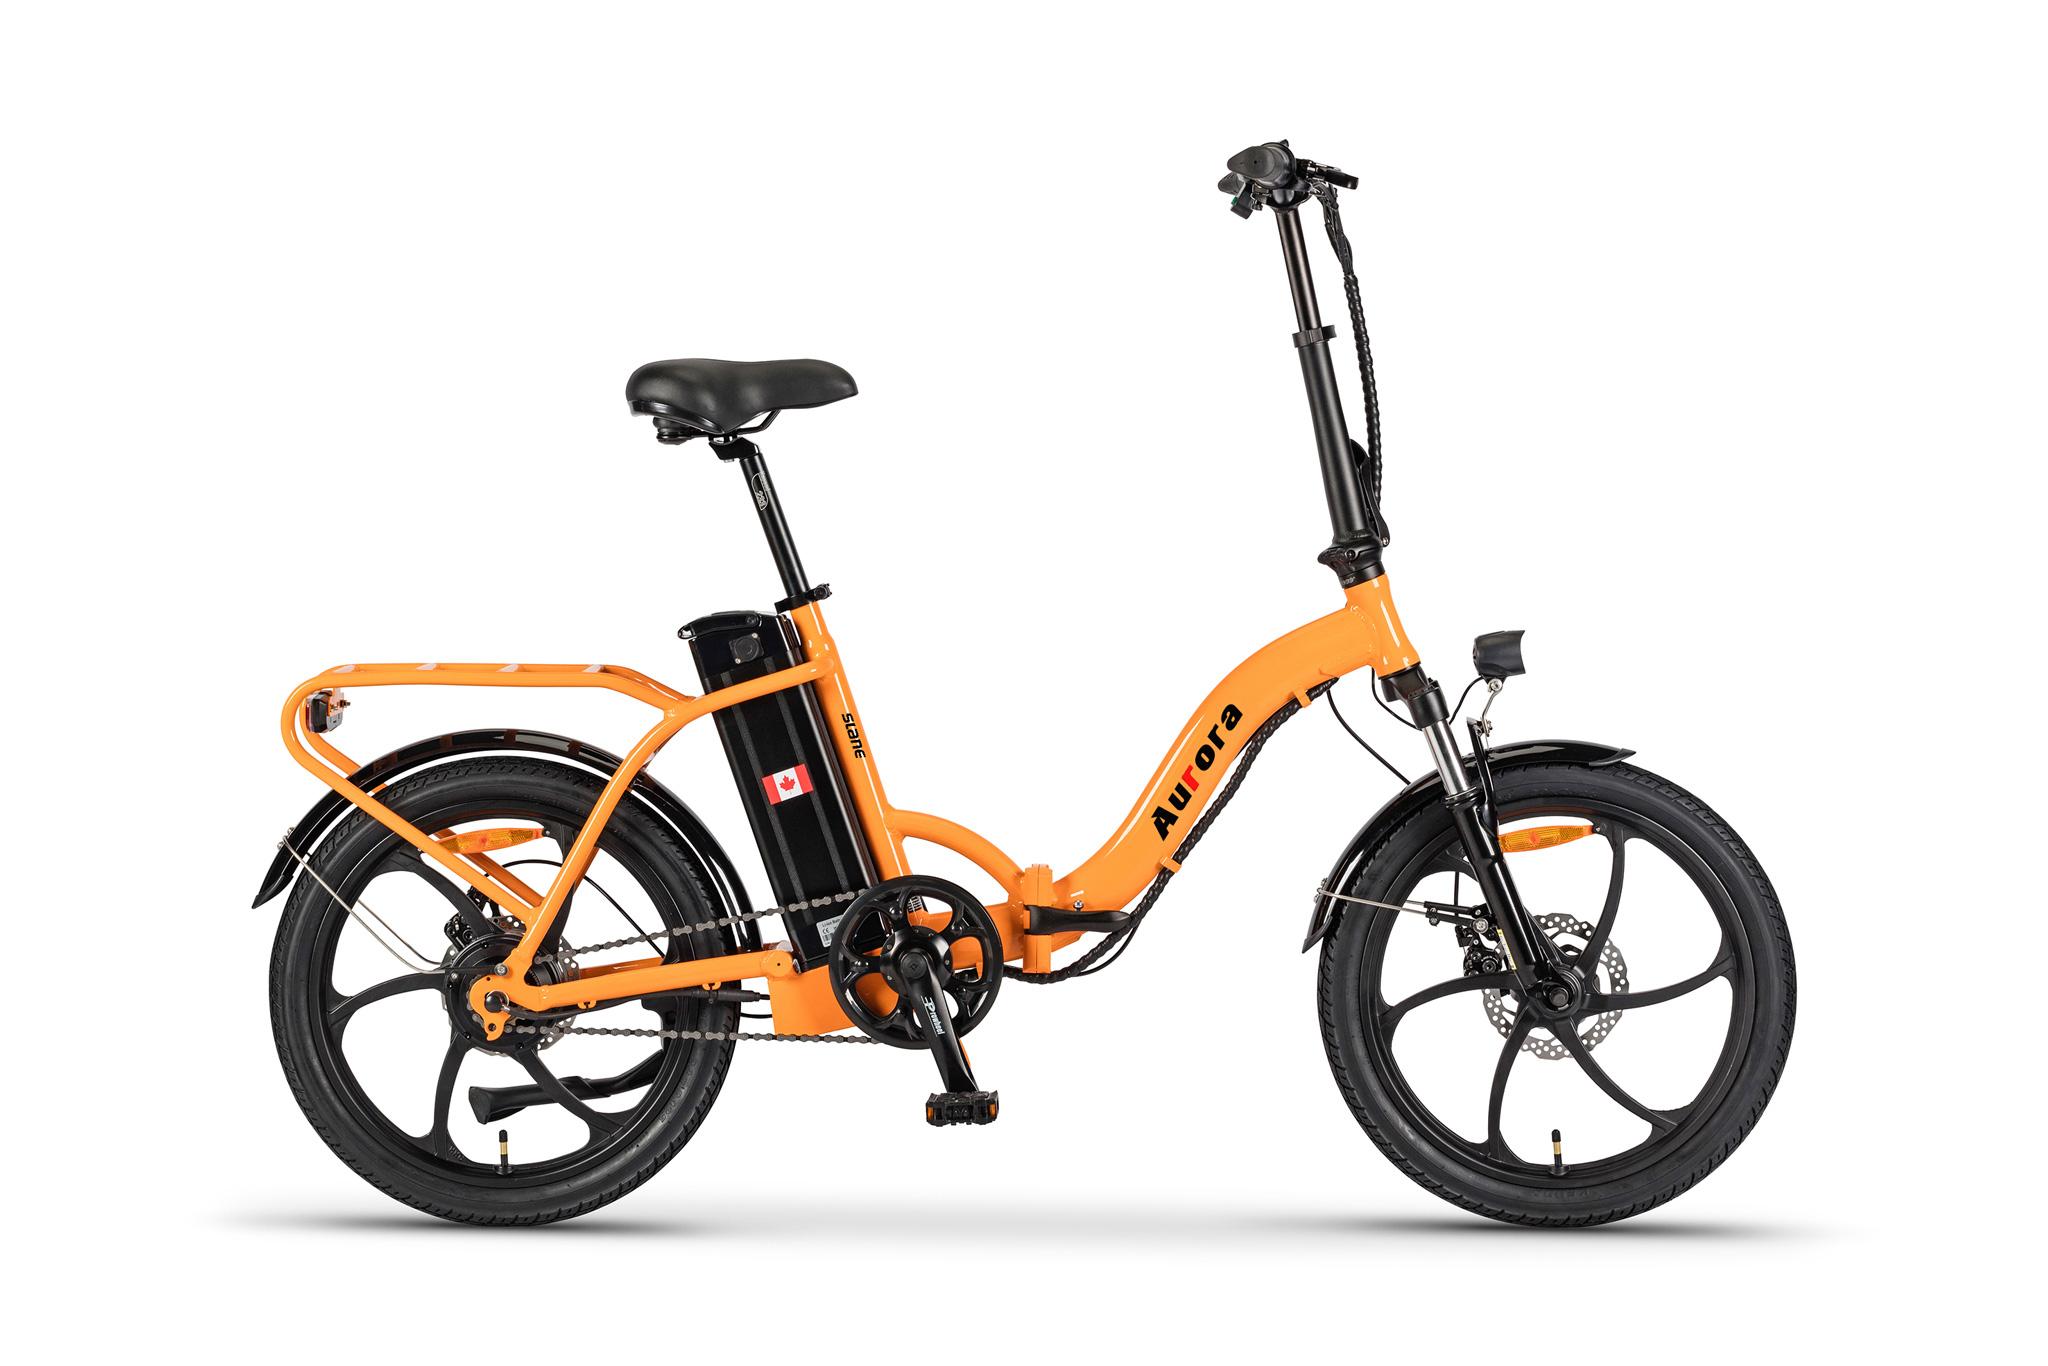 The Slane Aurora E-Bike in a Orange color